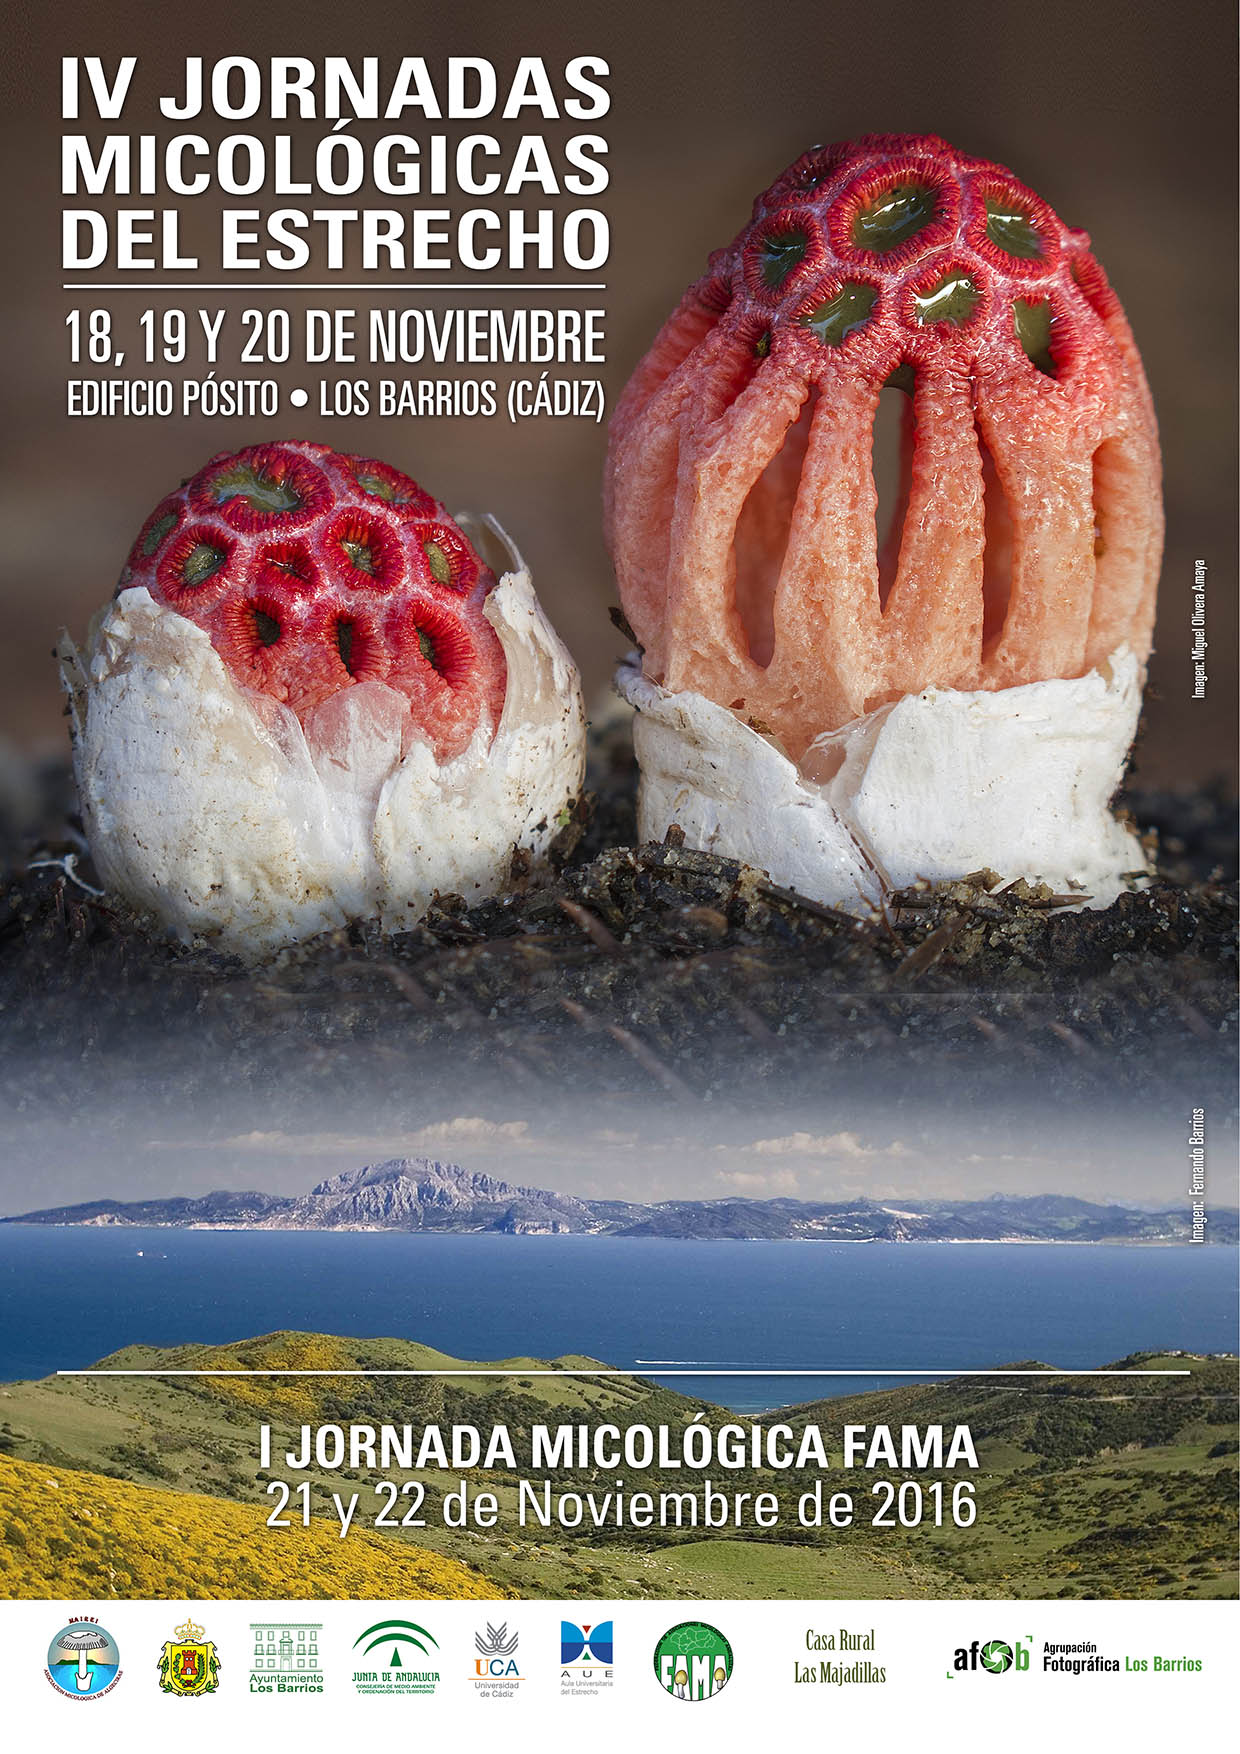 «IV Jornadas Micológicas del Estrecho» los días 18, 19 y 20 de Noviembre